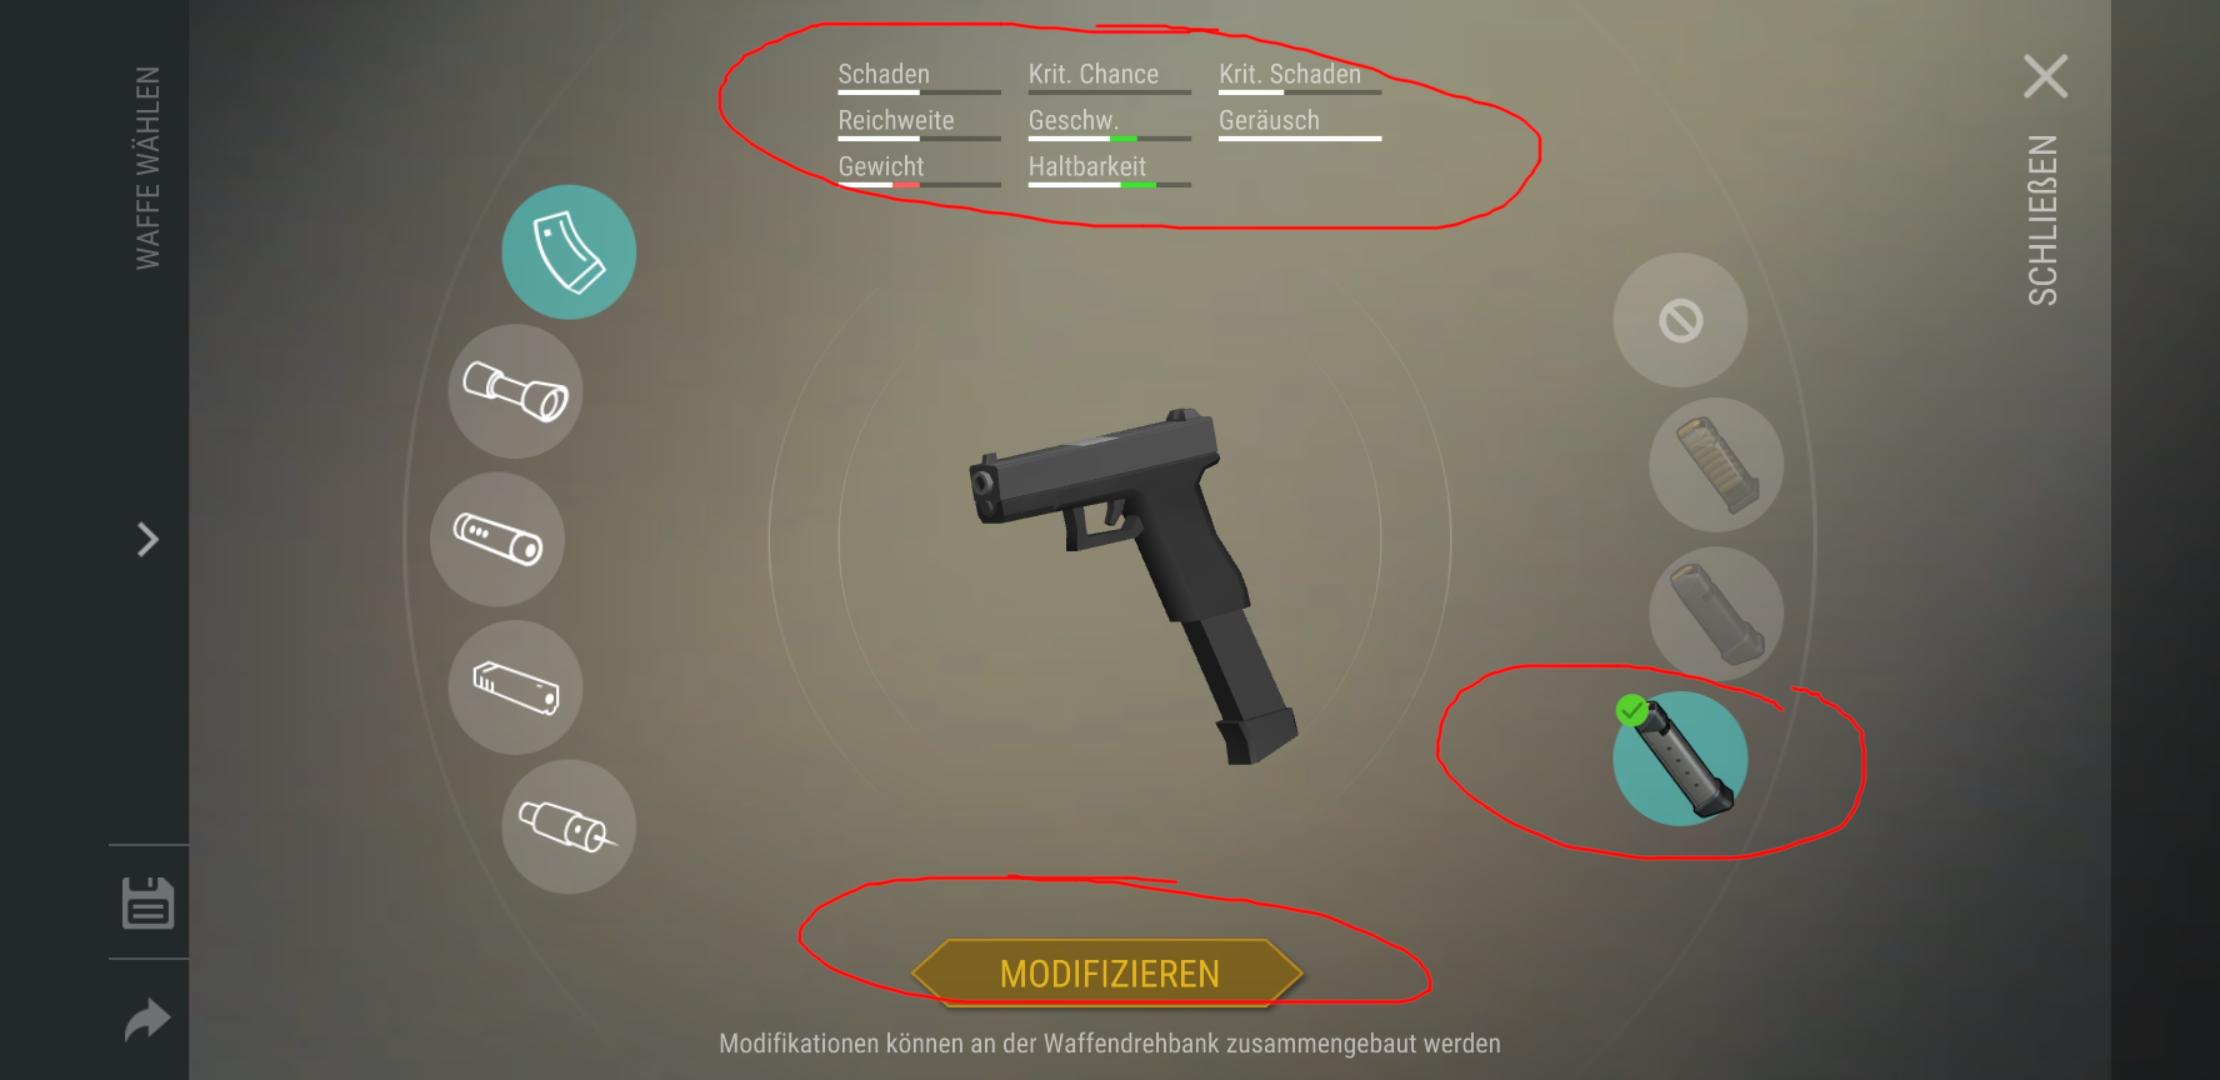 Waffendrehbank Waffe modifizieren 3